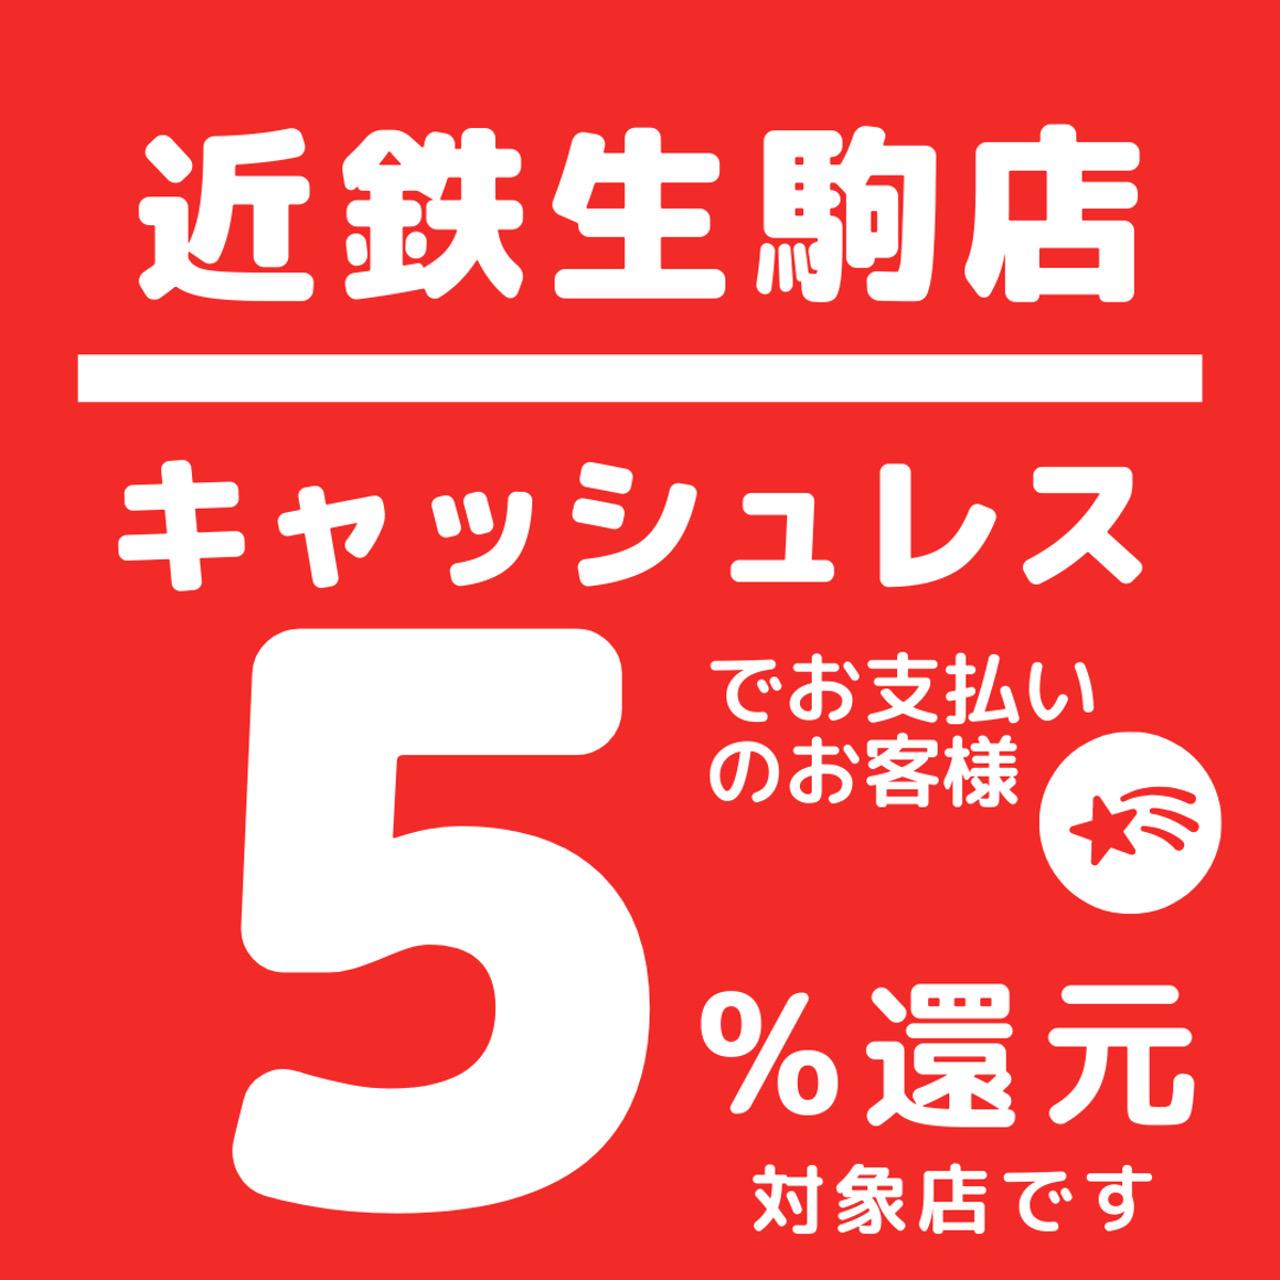 近鉄生駒店からのお知らせ